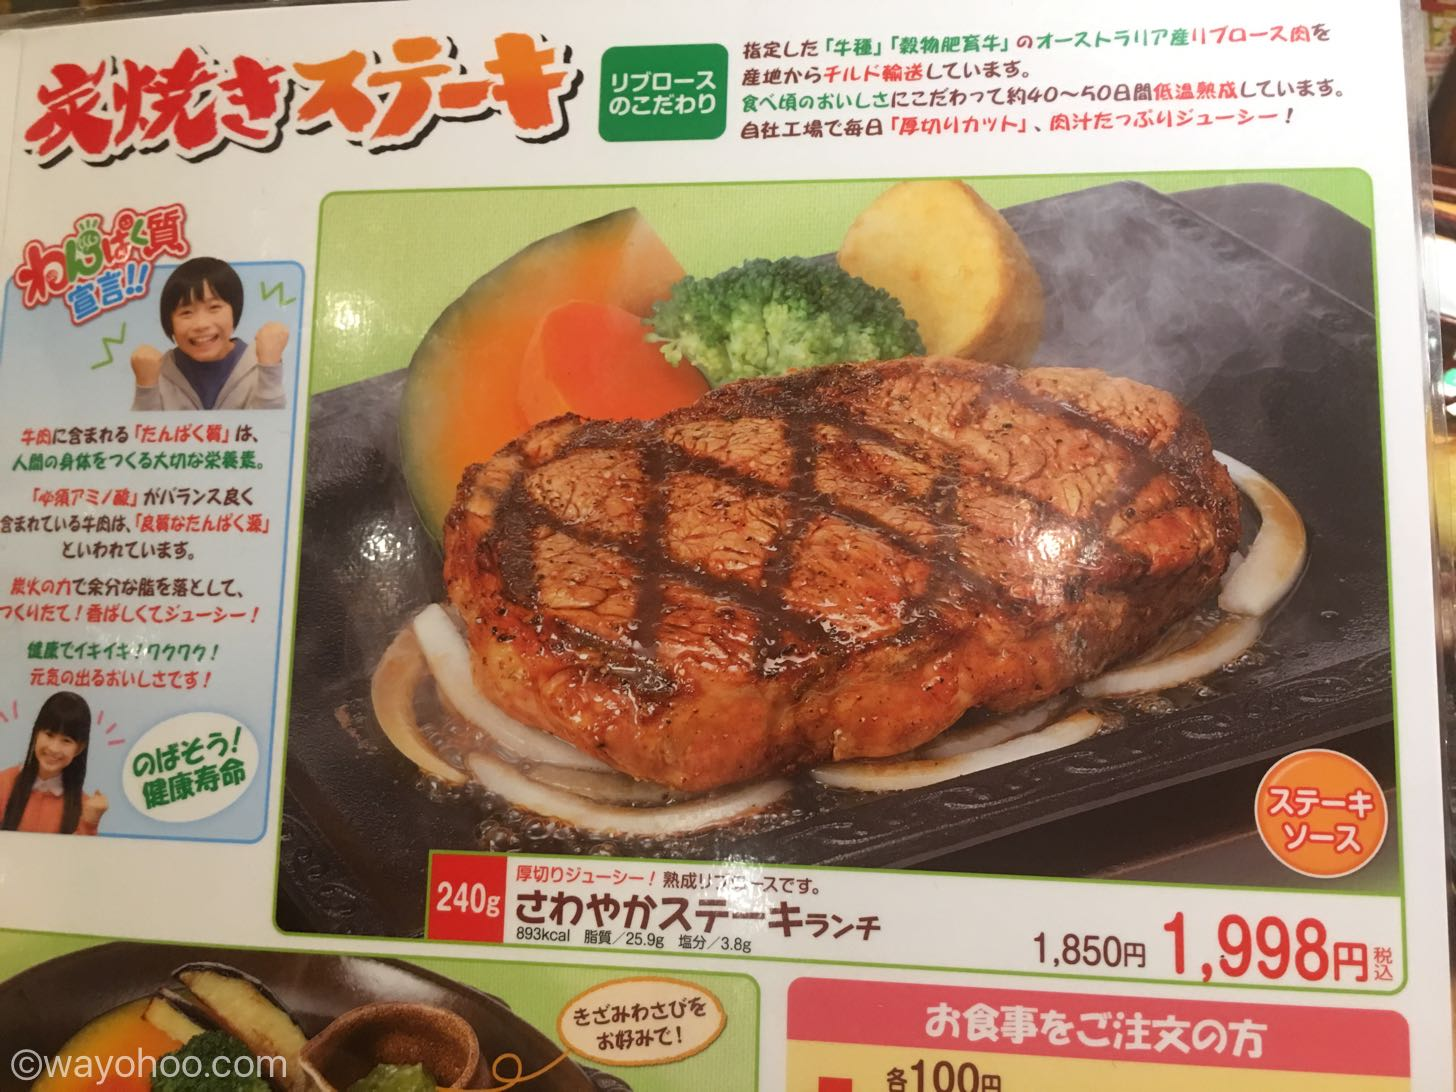 さわやかステーキのメニュー